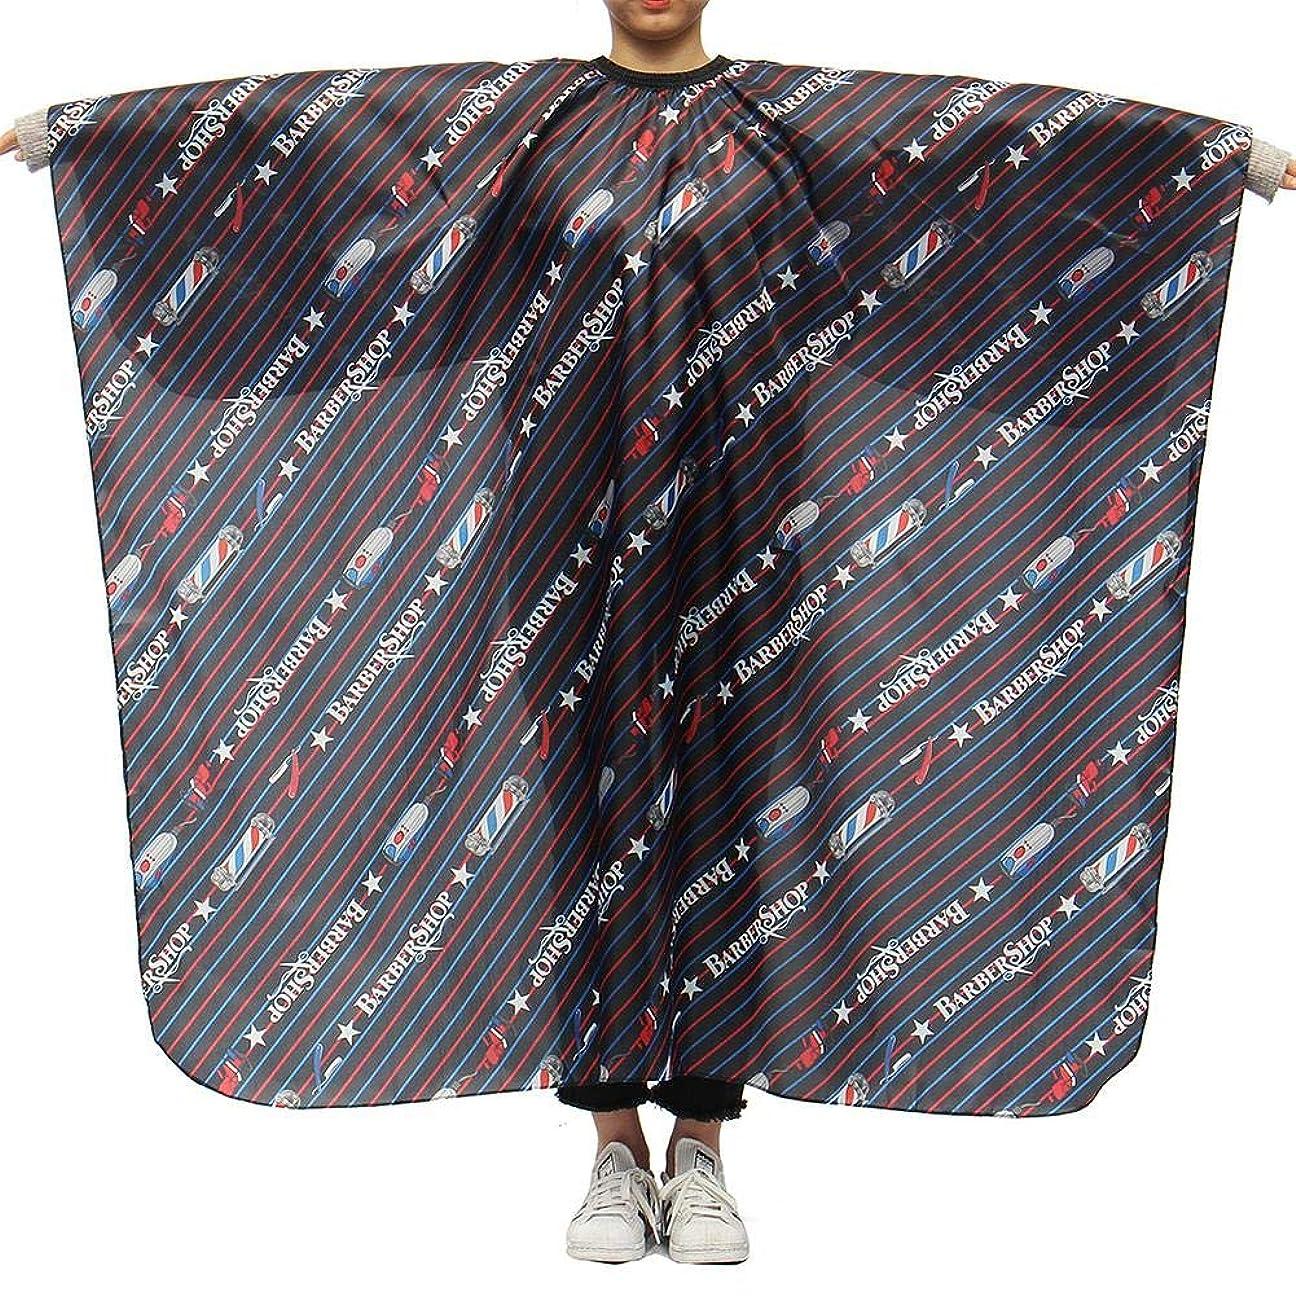 見物人あたたかい衛星Brill(ブリーオ)-ビューティー 理髪ケープ 理髪布 家庭用 店用 通気性 滑らか ポリエステル製